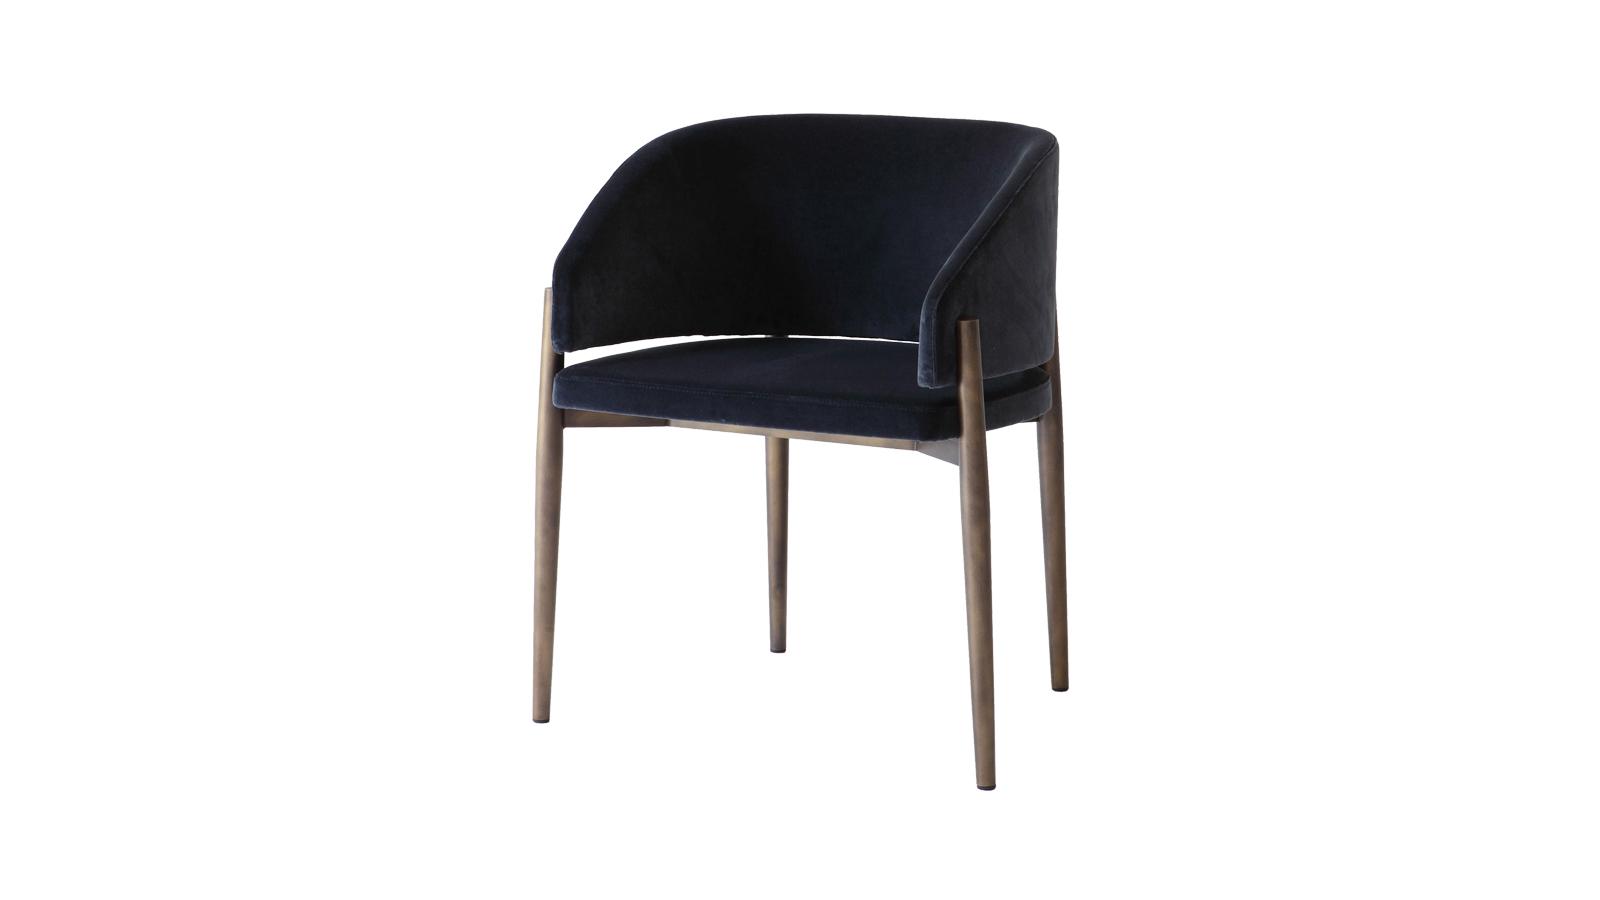 A skandináv design ihlette a Frank széket, melyet három tulajdonsága tesz különösen ellenállhatatlanná. A kagylószerű háttámla, az enyhe dőlésszögben megdöntött strapabíró és visszafogott lábak, valamint a rugózott ülés, mely a fenséges kényelemért felel. A bársony borítás pedig már végképp hab a tortán.